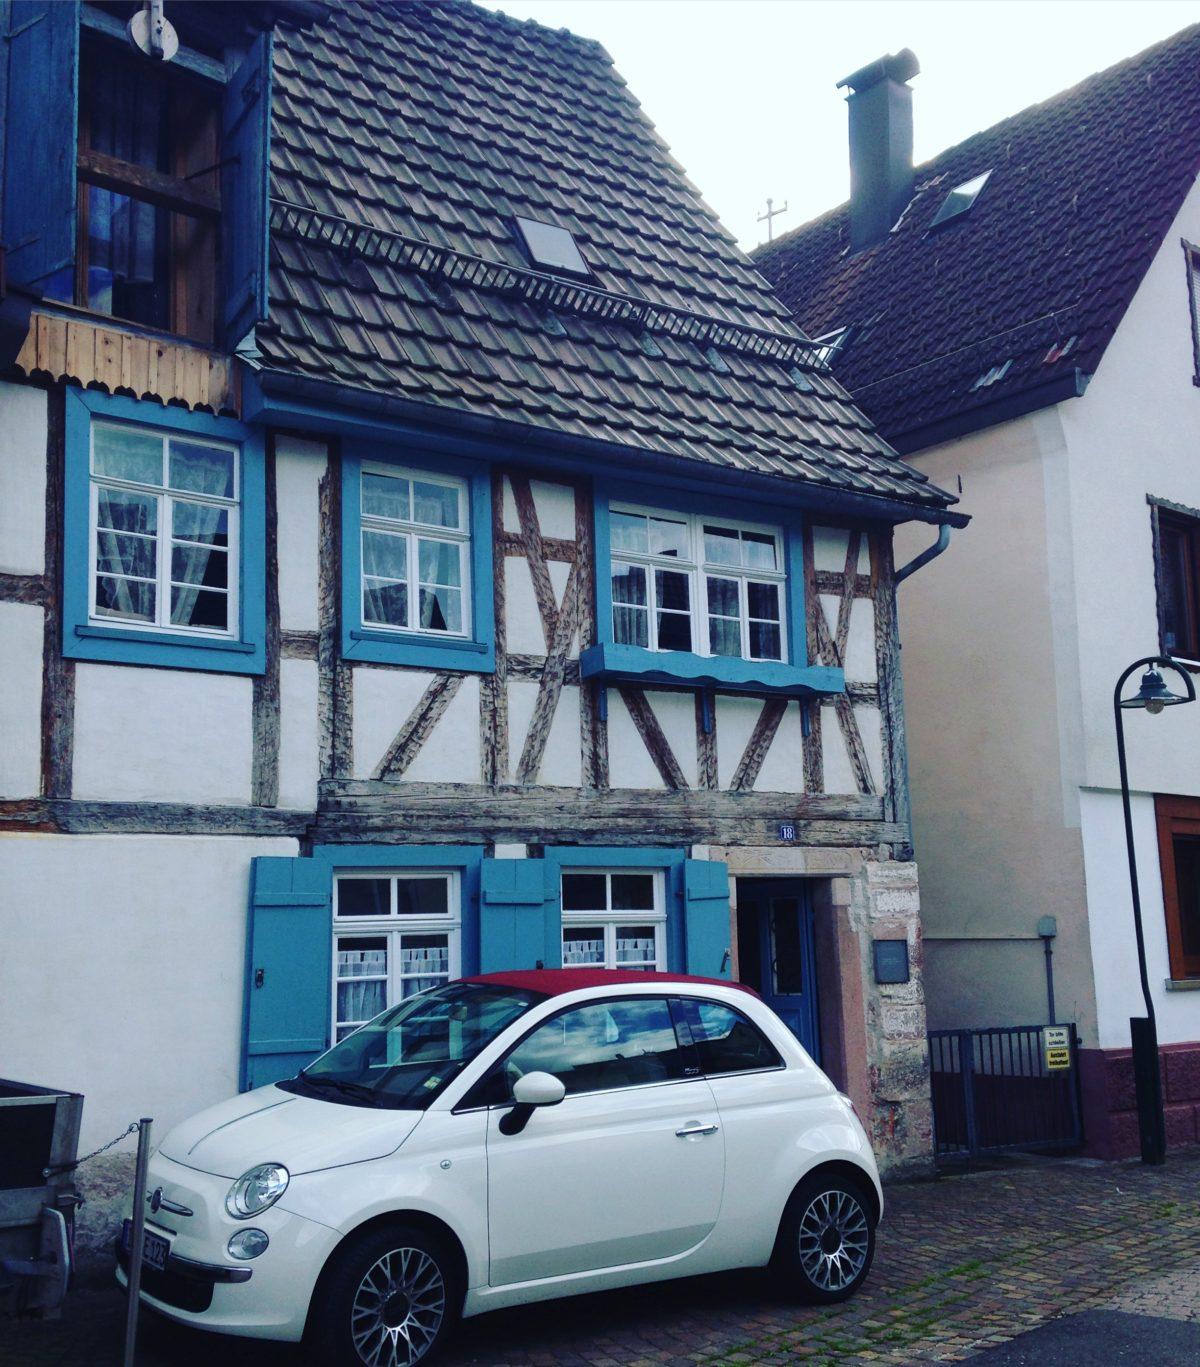 Schwarzwald-Auszeit im historischen Gerberhaus – perfekt für nachhaltigkeitsbewusste Veganer!